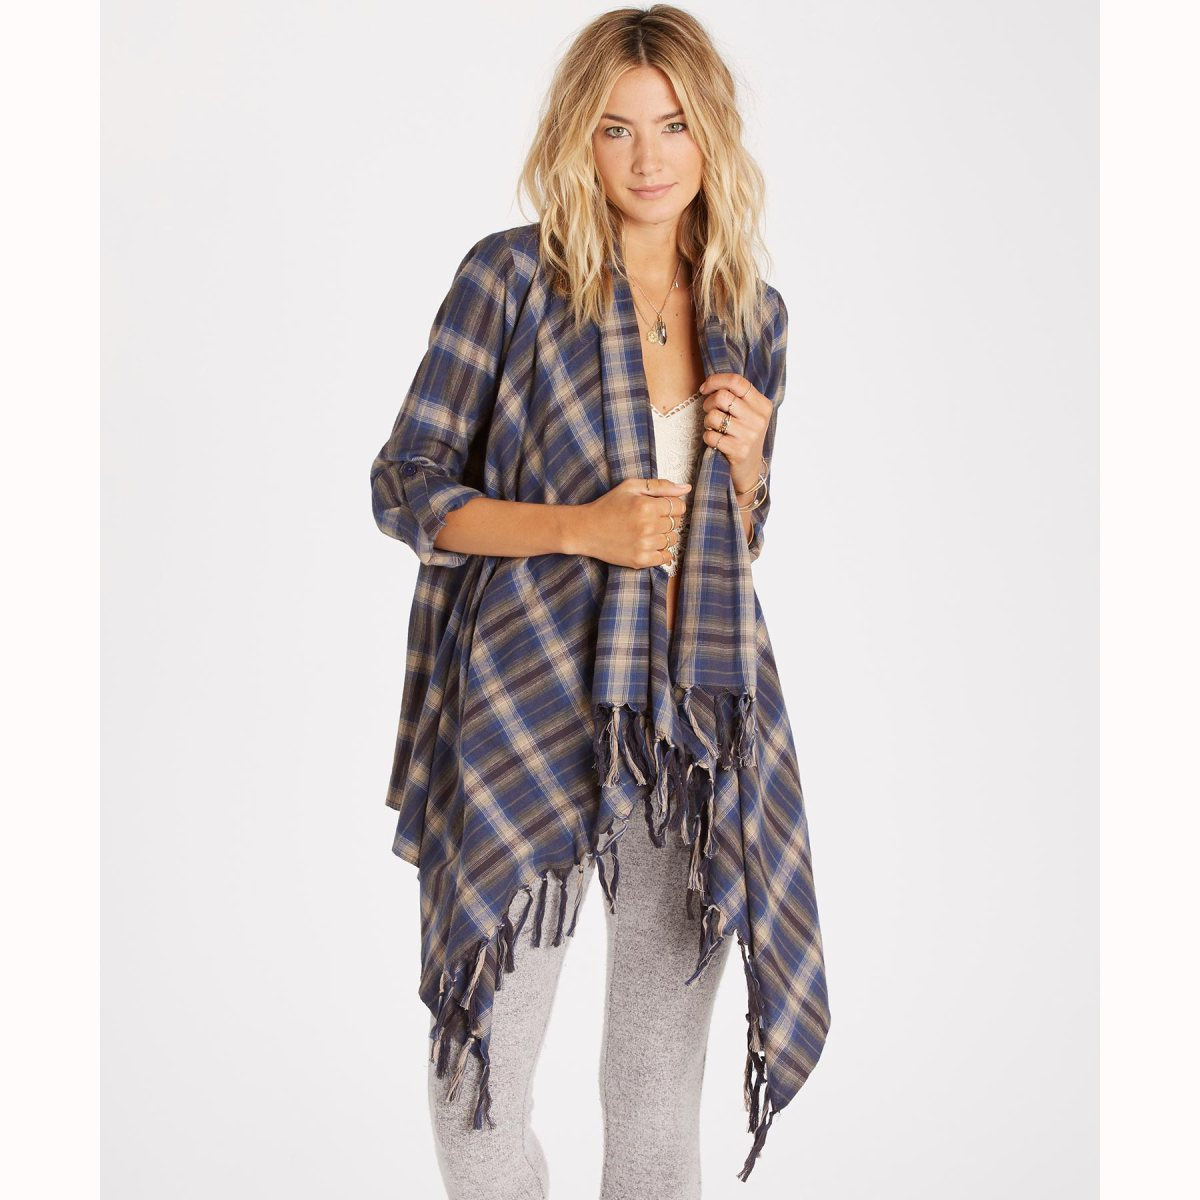 Wearable Nursing Cover/Blanketeeek